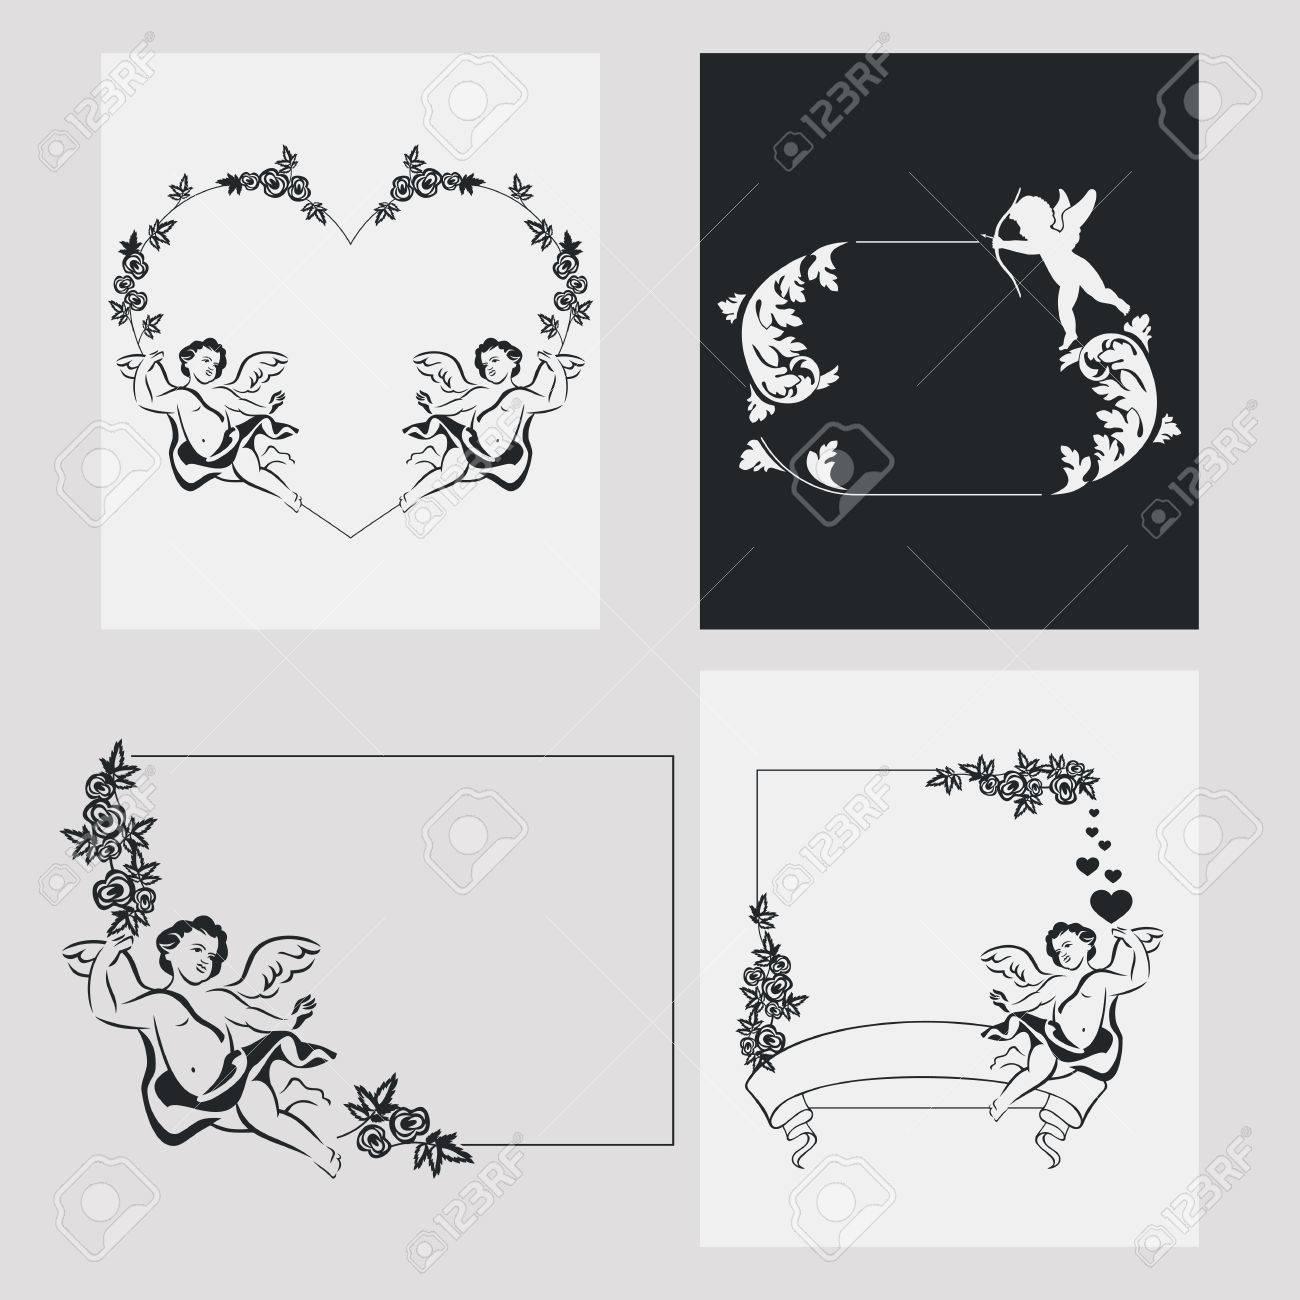 Set Von Silhouette Rahmen Mit Engel. Design-Element Für Banner ...